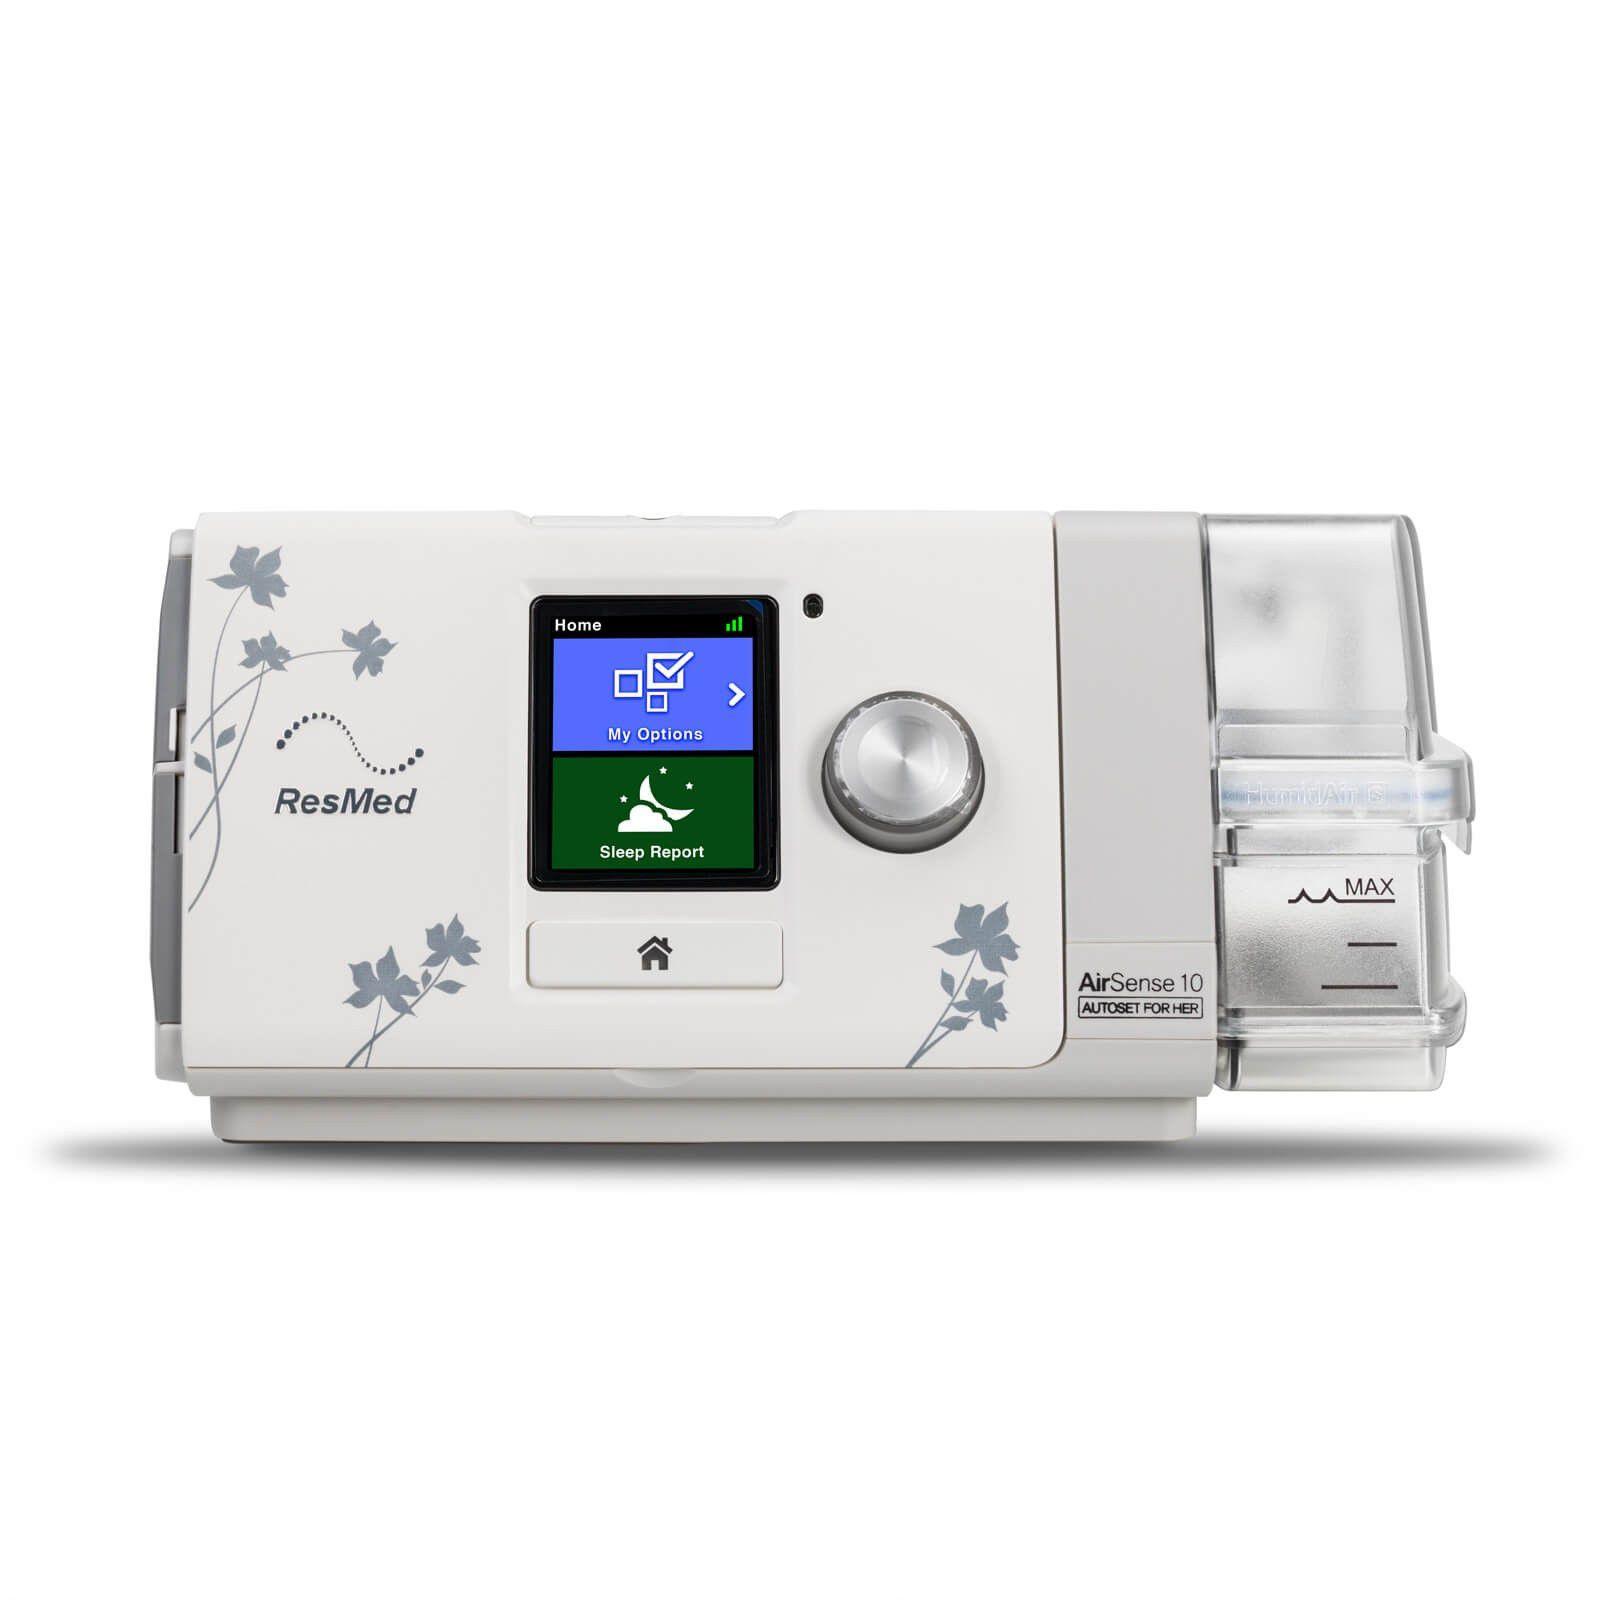 Kit CPAP Automático AirSense 10 AutoSet For Her + umidificador + Máscara Nasal Wisp